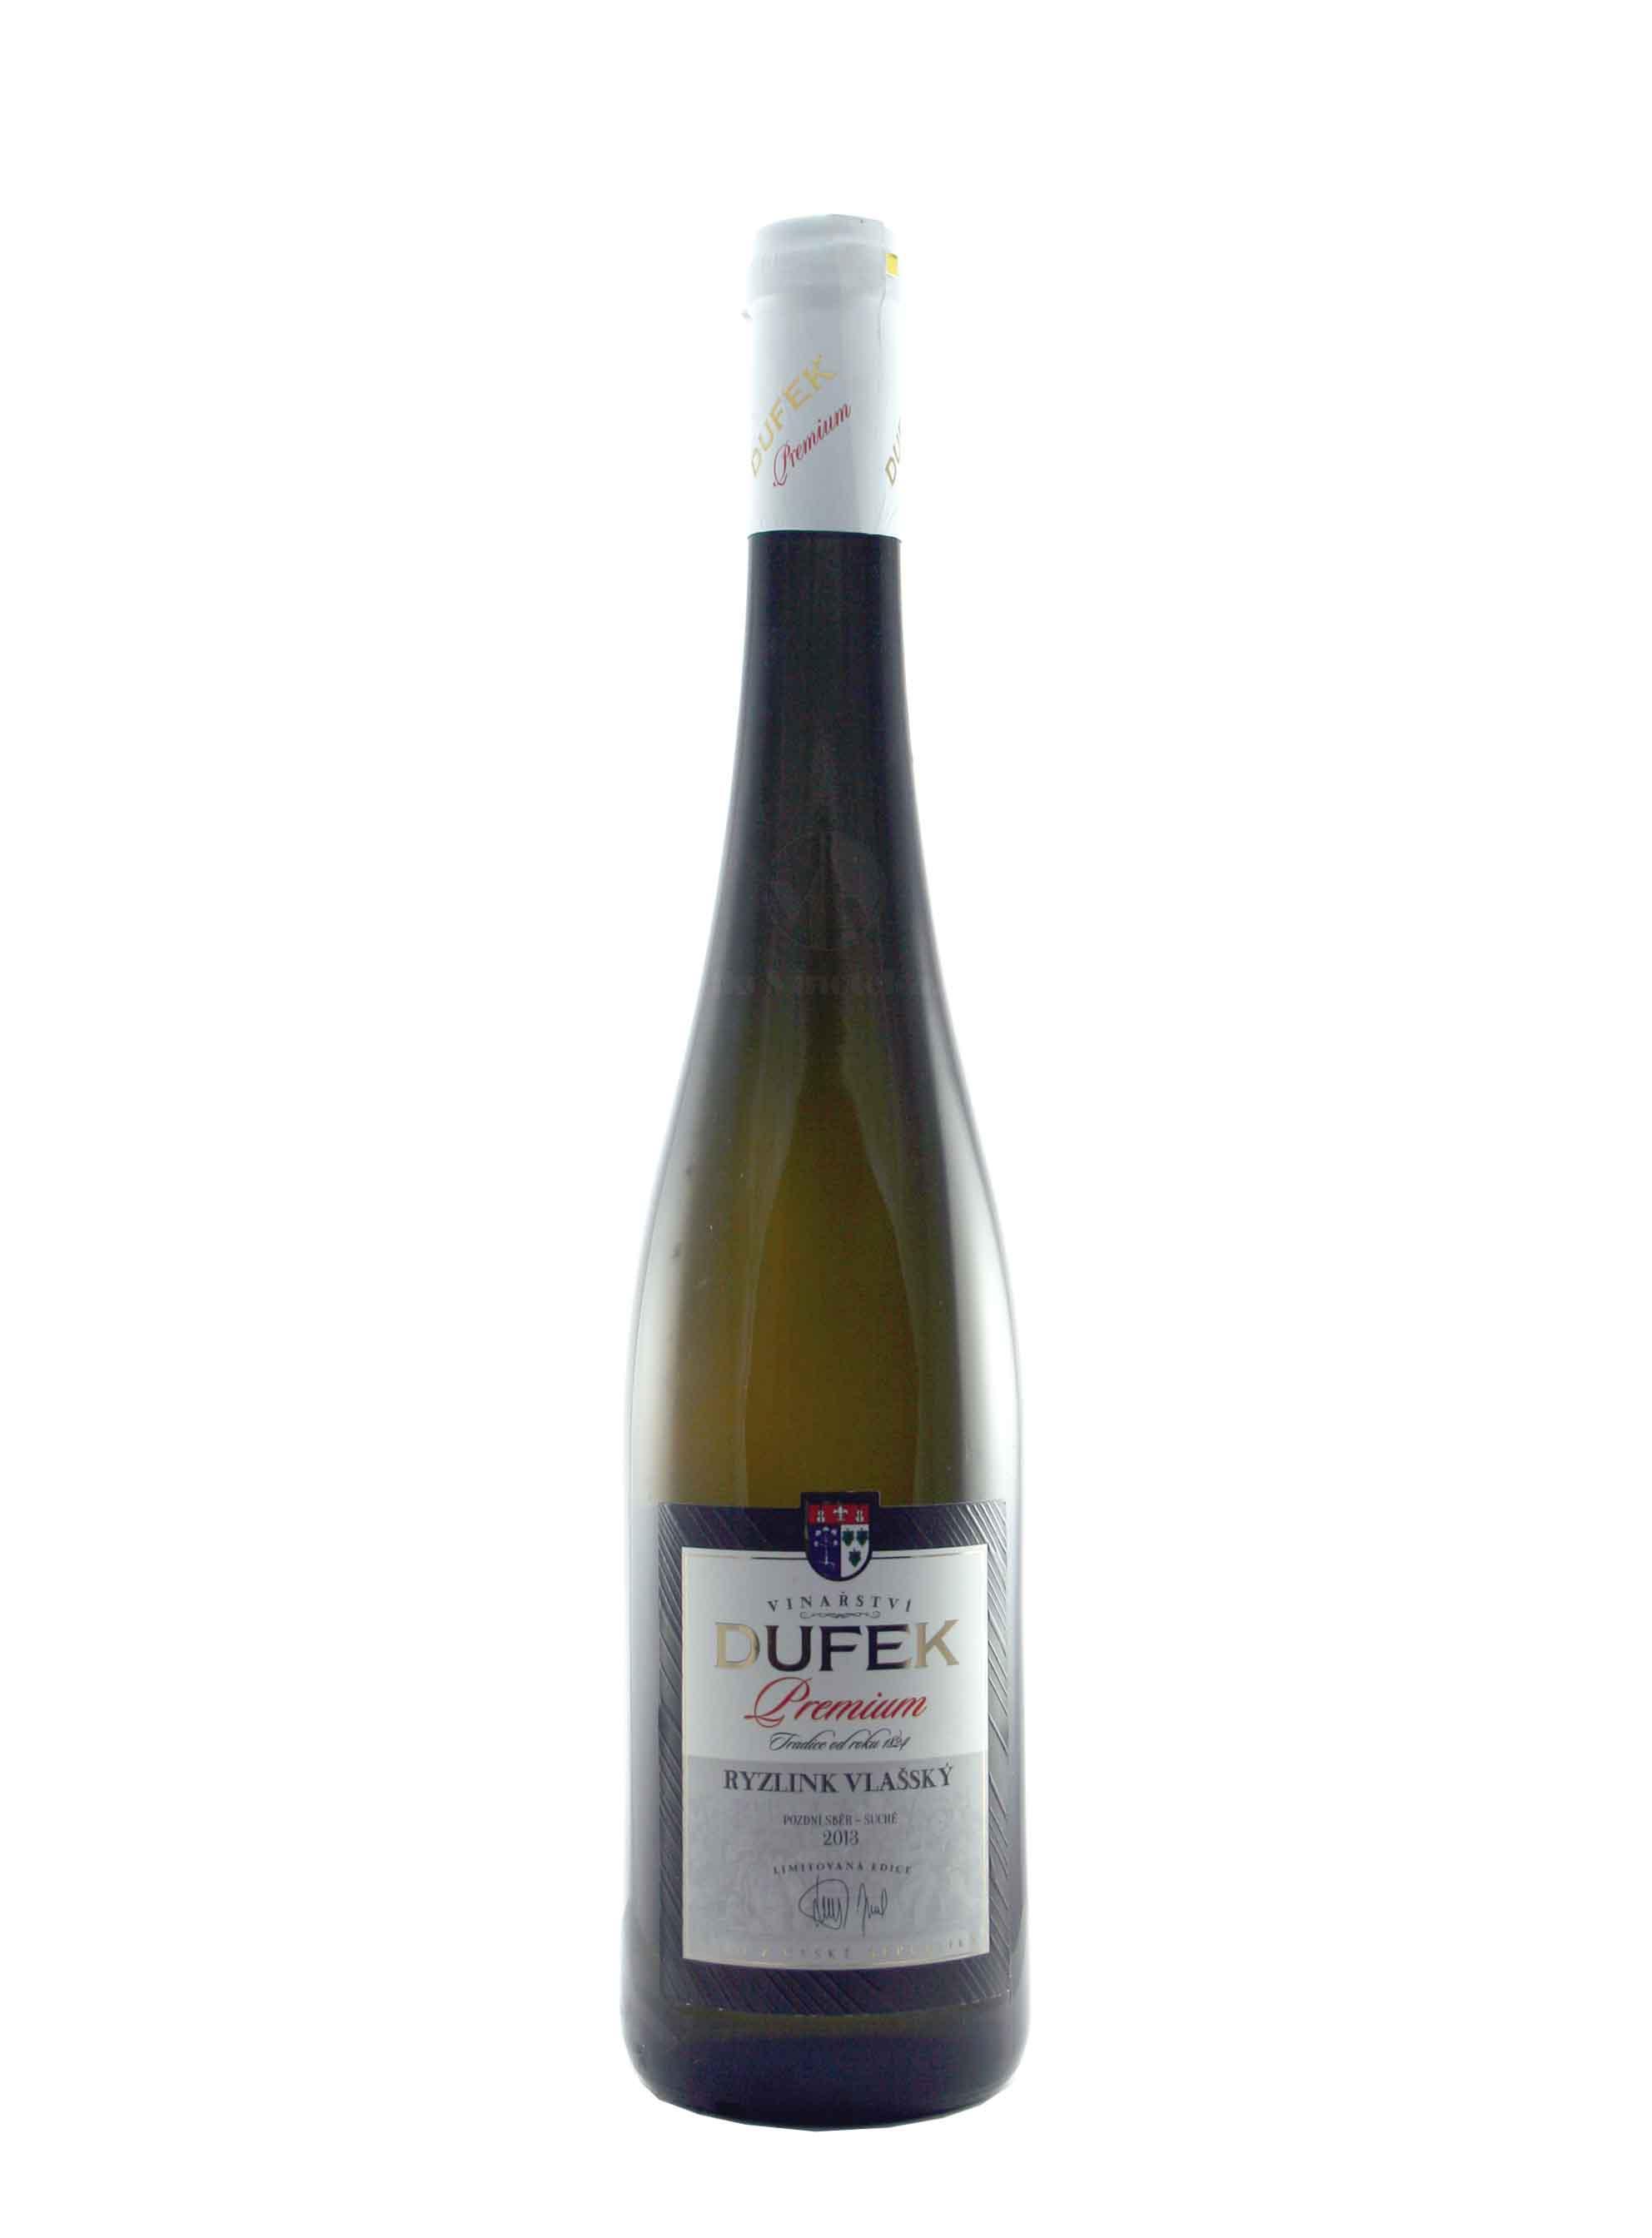 Ryzlink vlašský, Premium, Pozdní sběr, 2013, Vinařství Dufek, 0.75 l